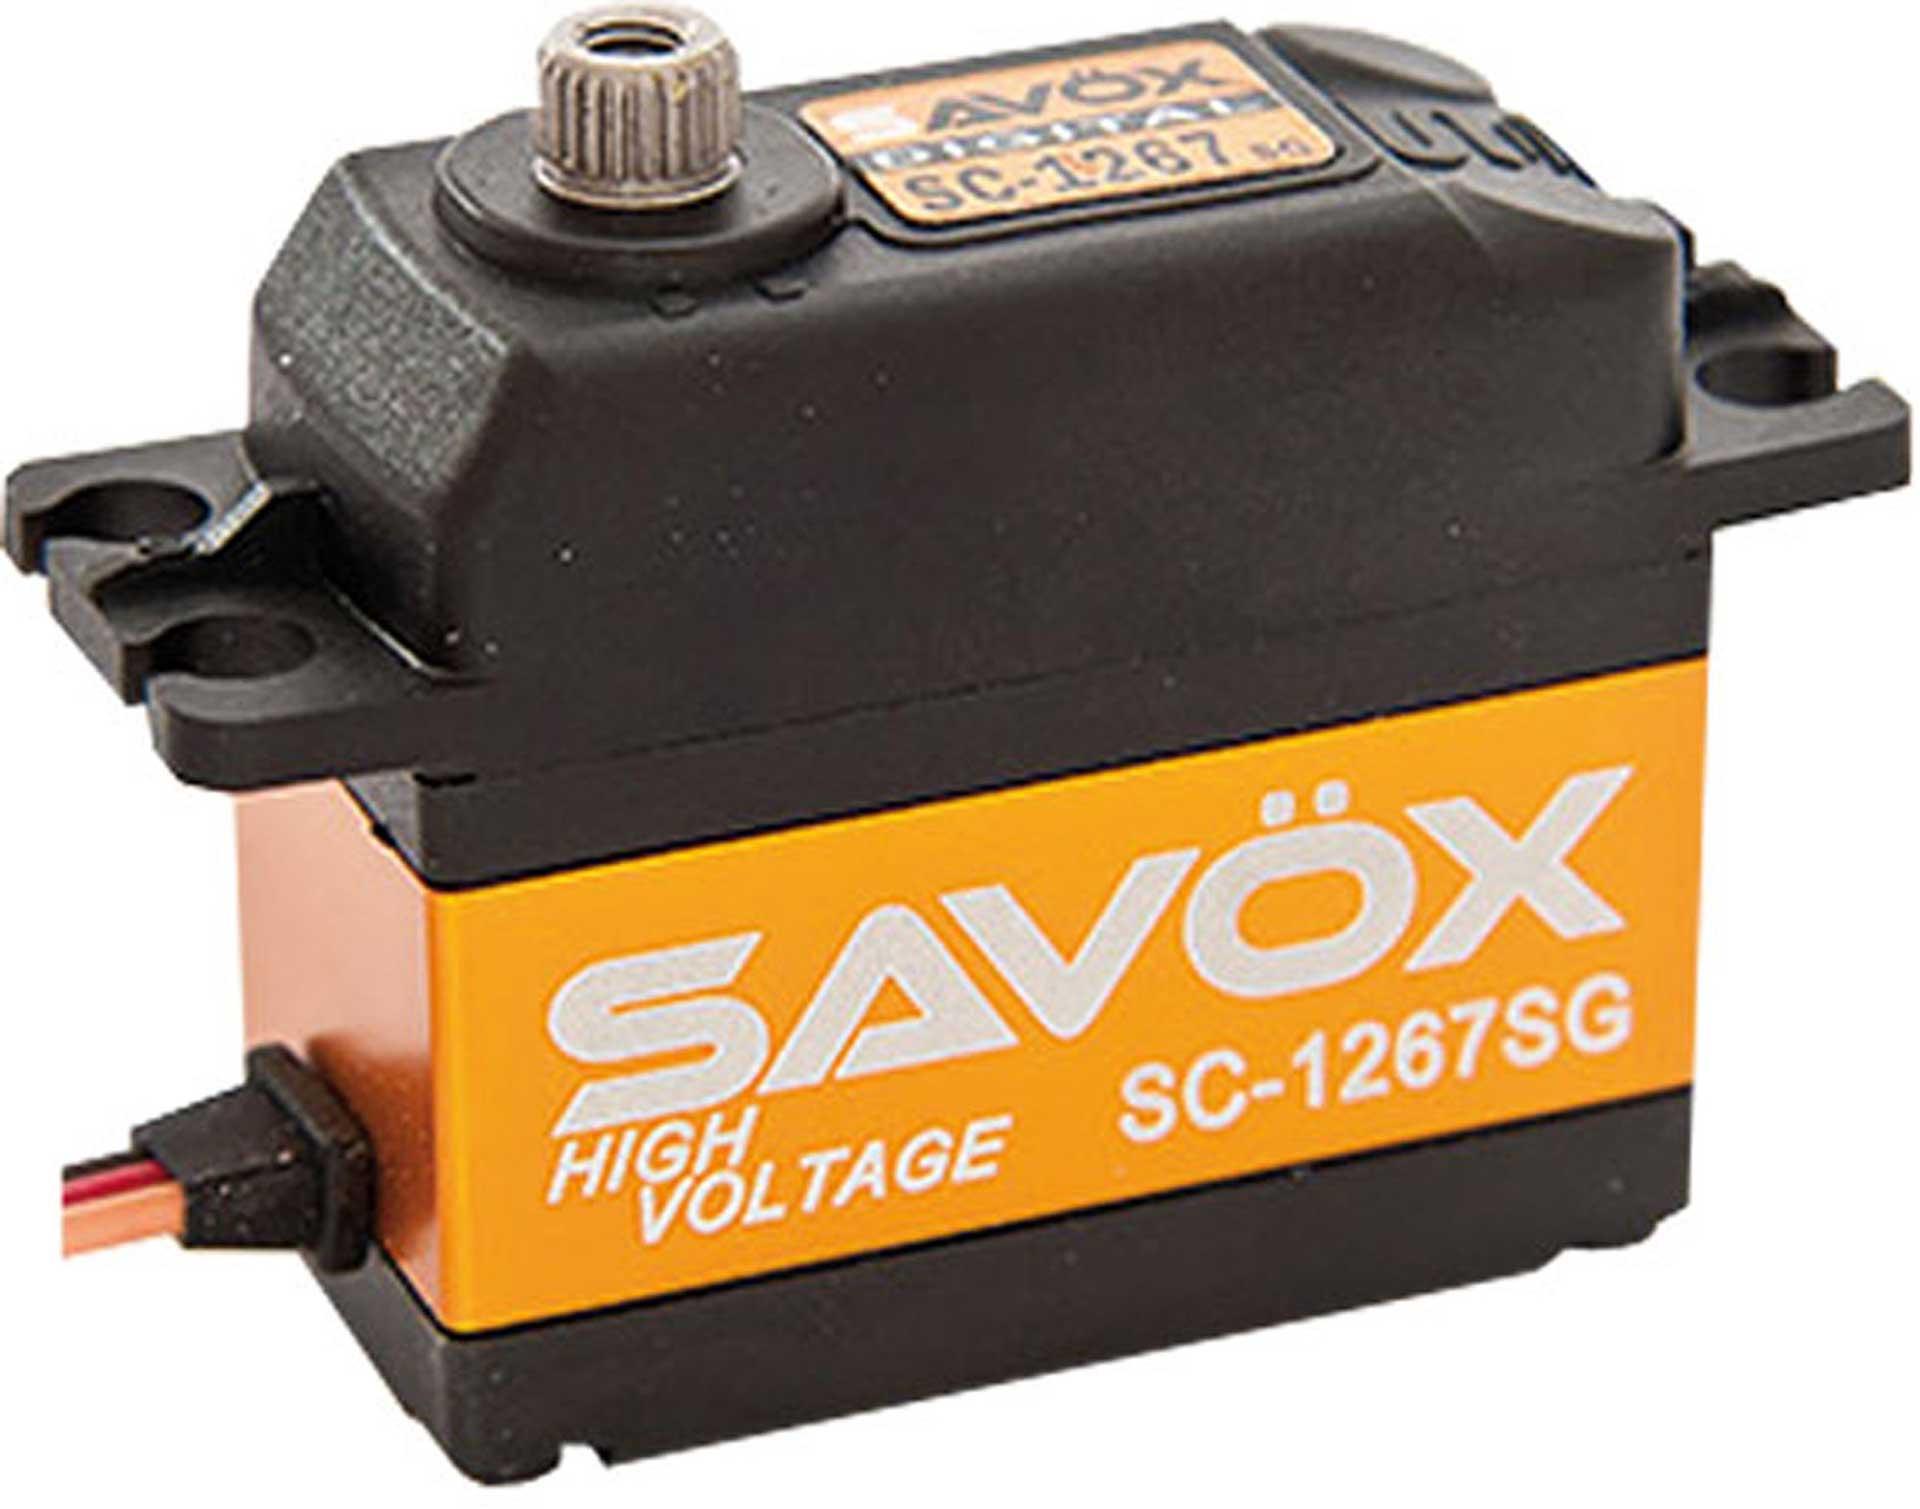 SAVÖX SC-1267SG 7.4V CORELESS SERVO